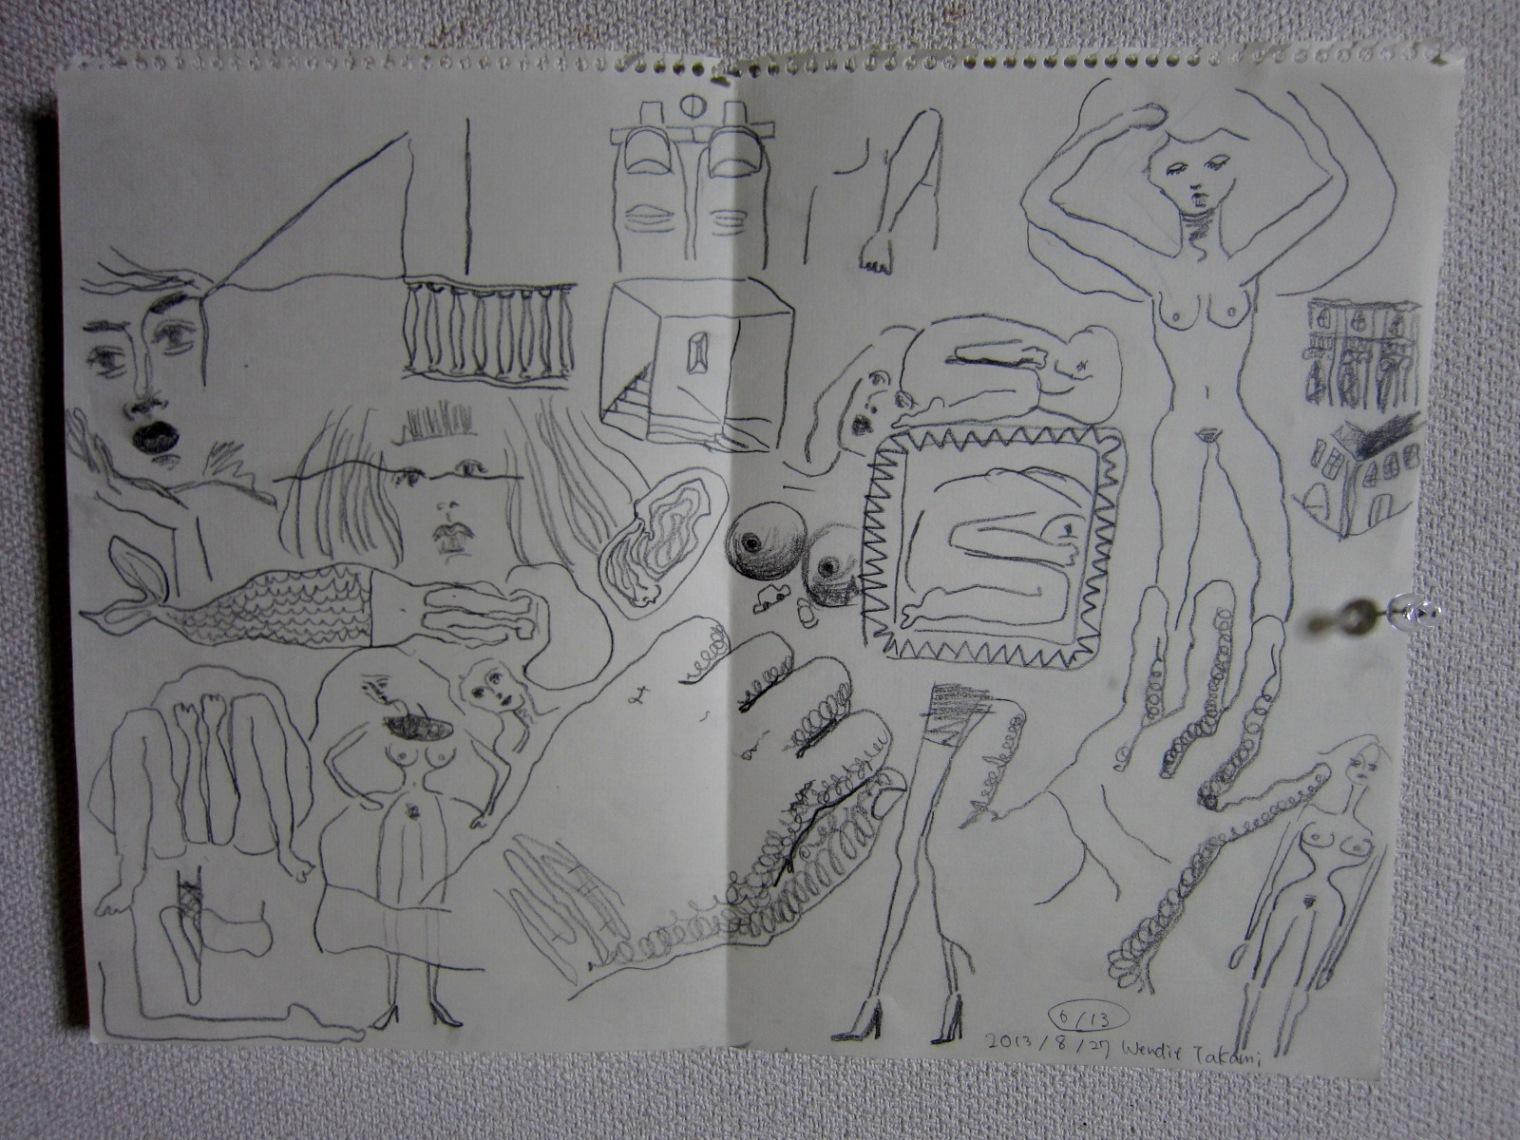 2170)「私大合同展 (4大学美術部合同展)」アートスペース201 終了・8月22日(木)~8月27日(火)_f0126829_2355131.jpg